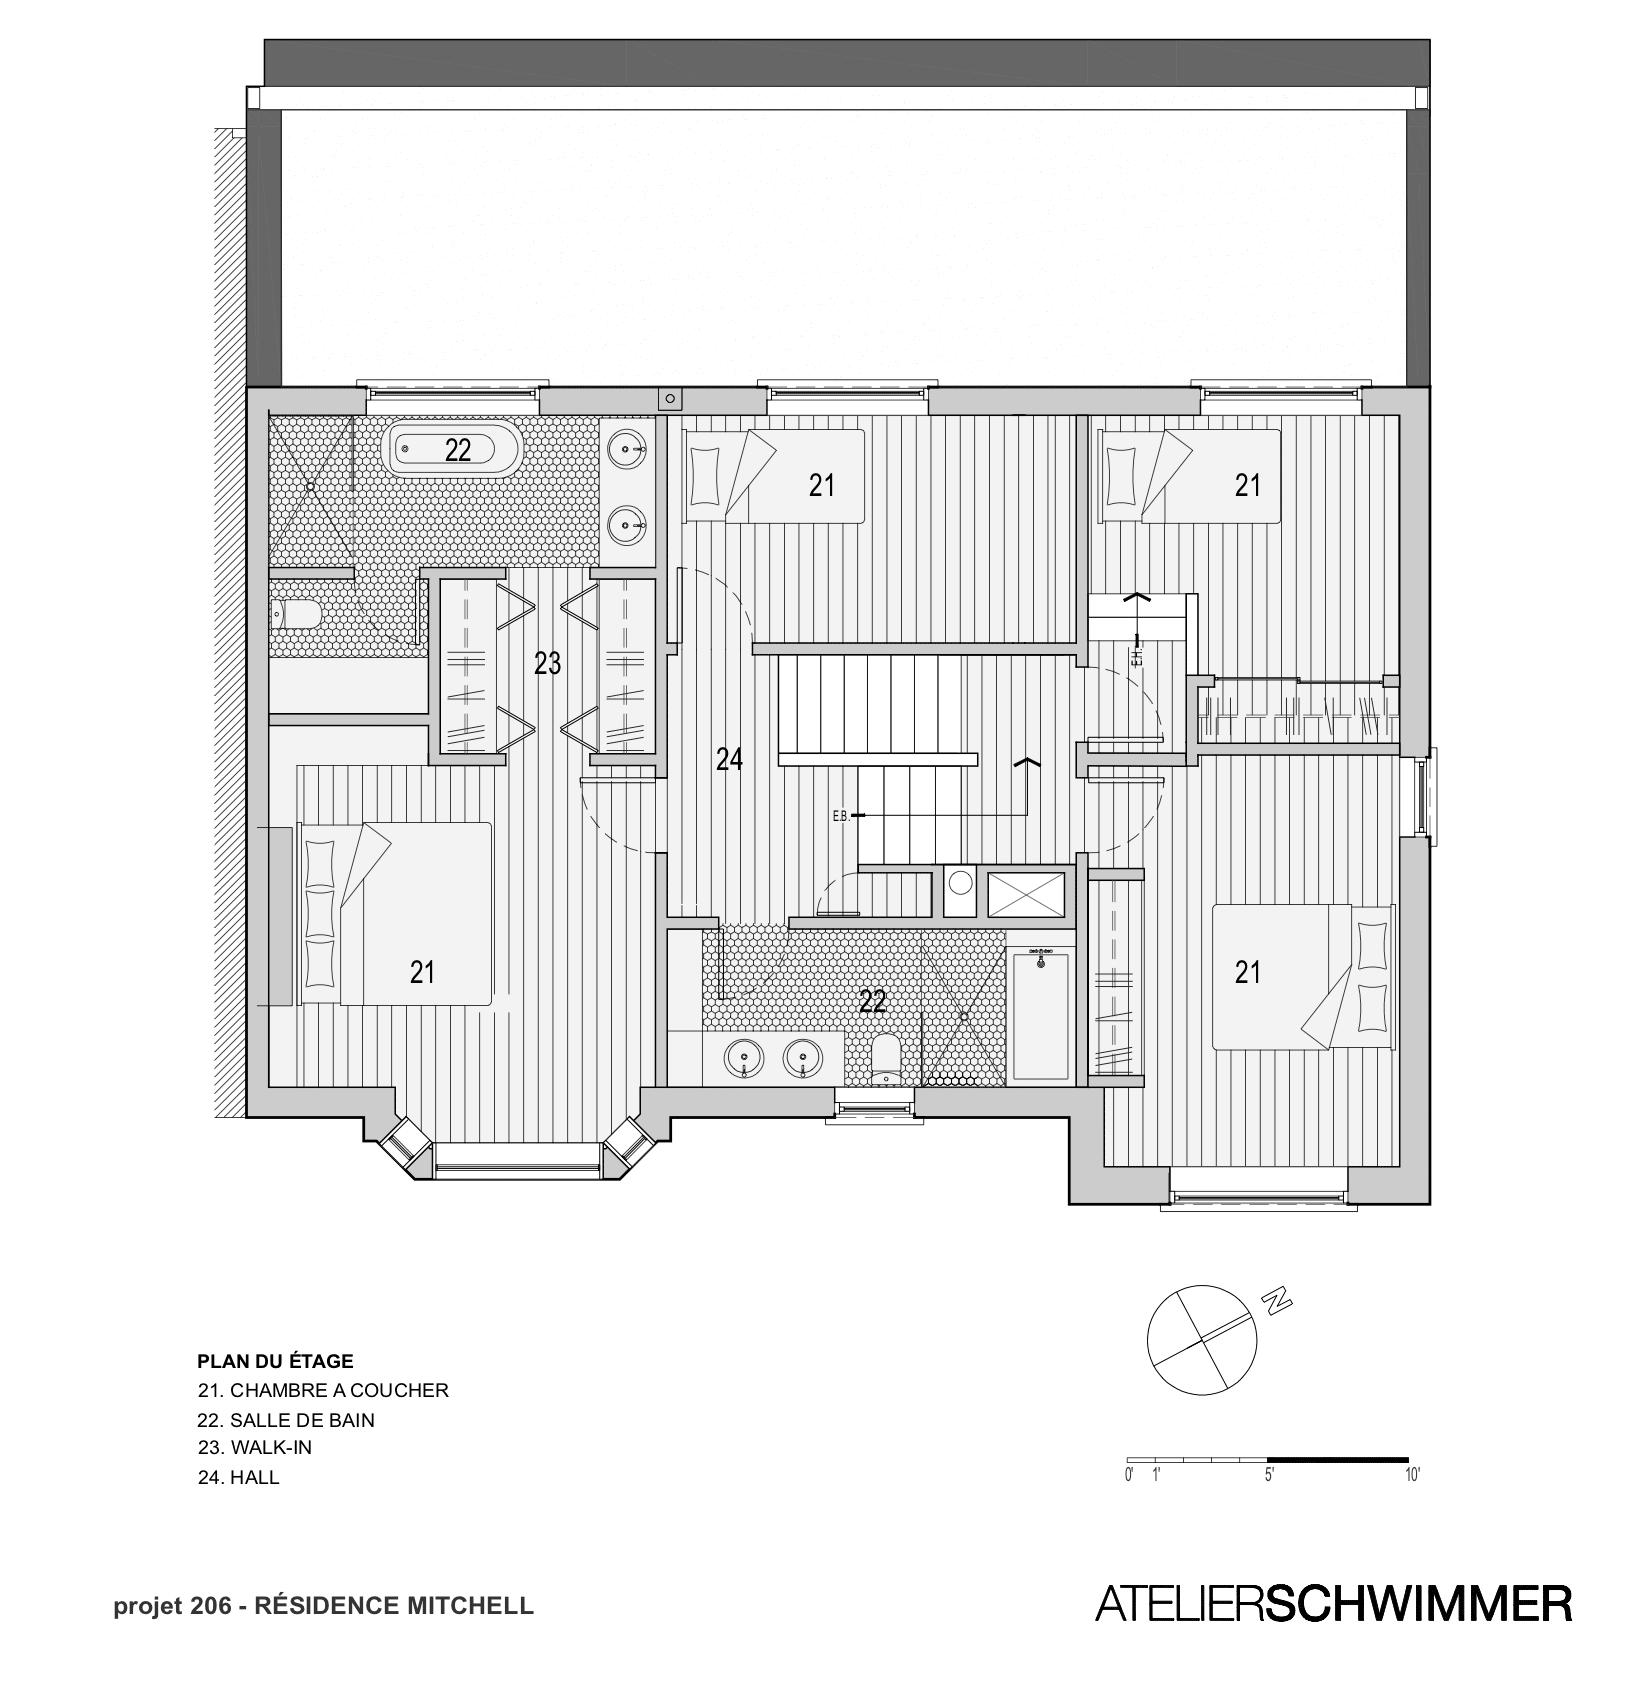 PLAN ETAGE 2